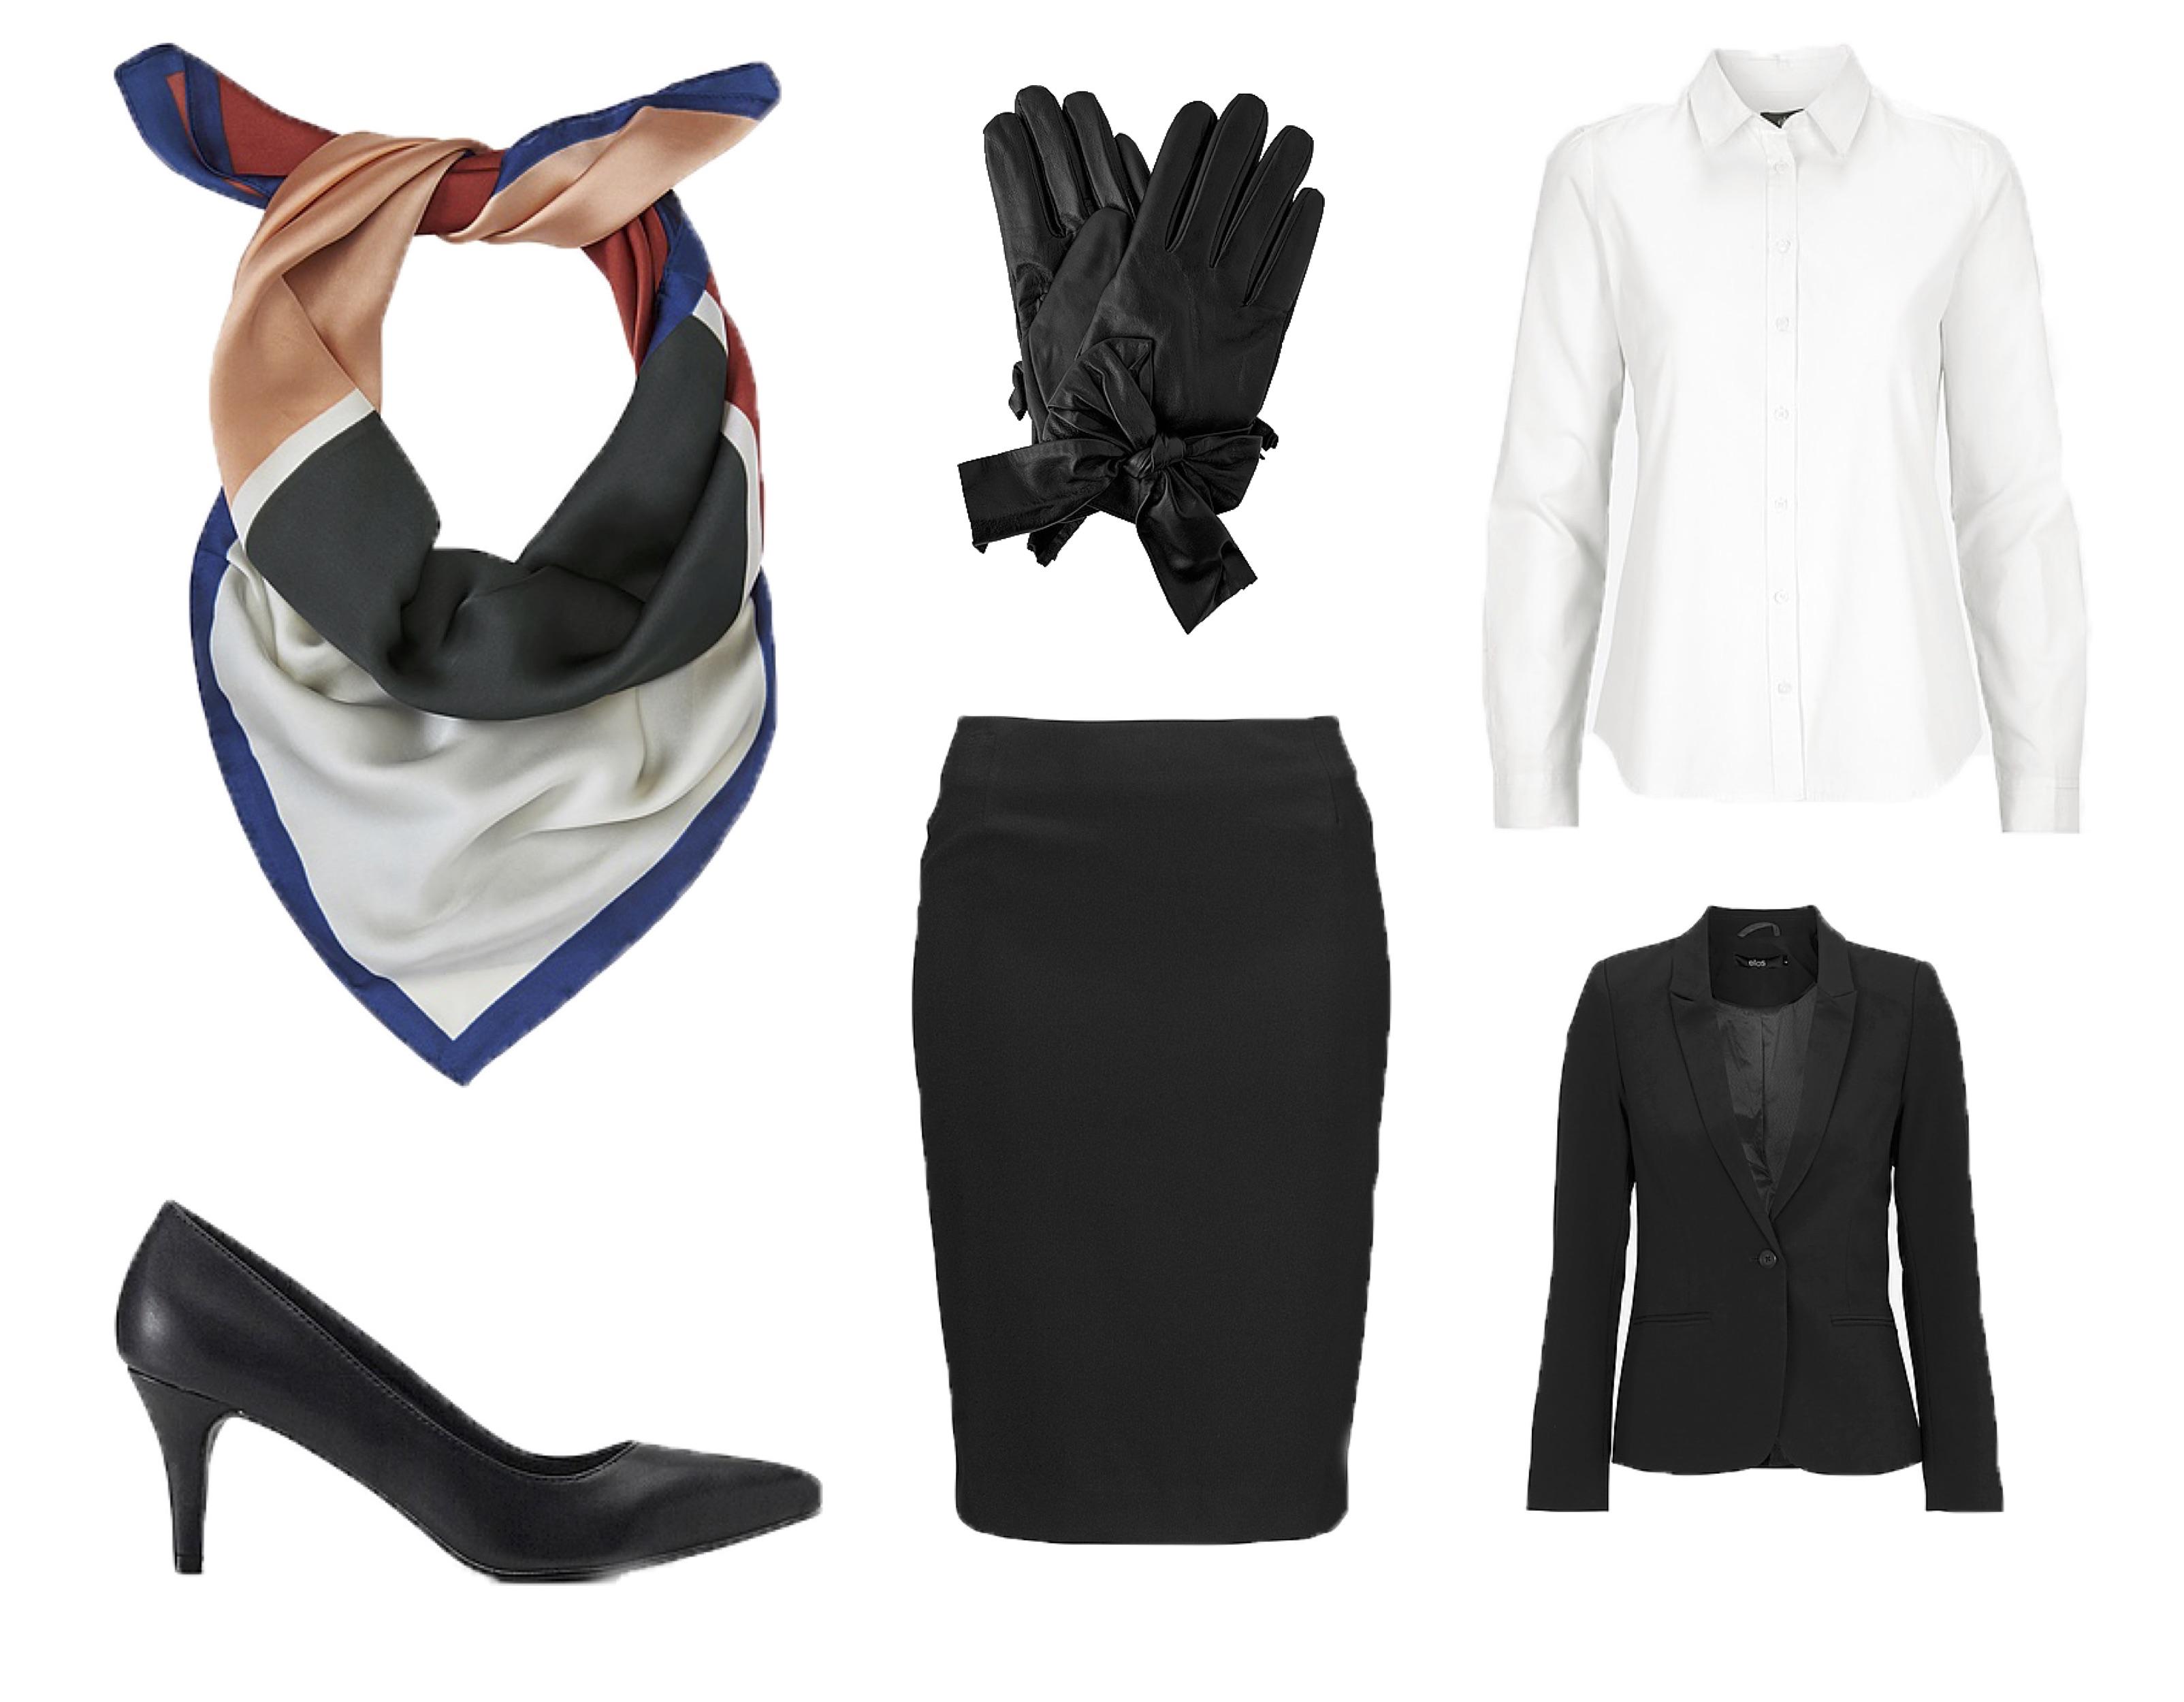 Fastelavn, fastelavnskostume, kostume, stewardesse, outfit